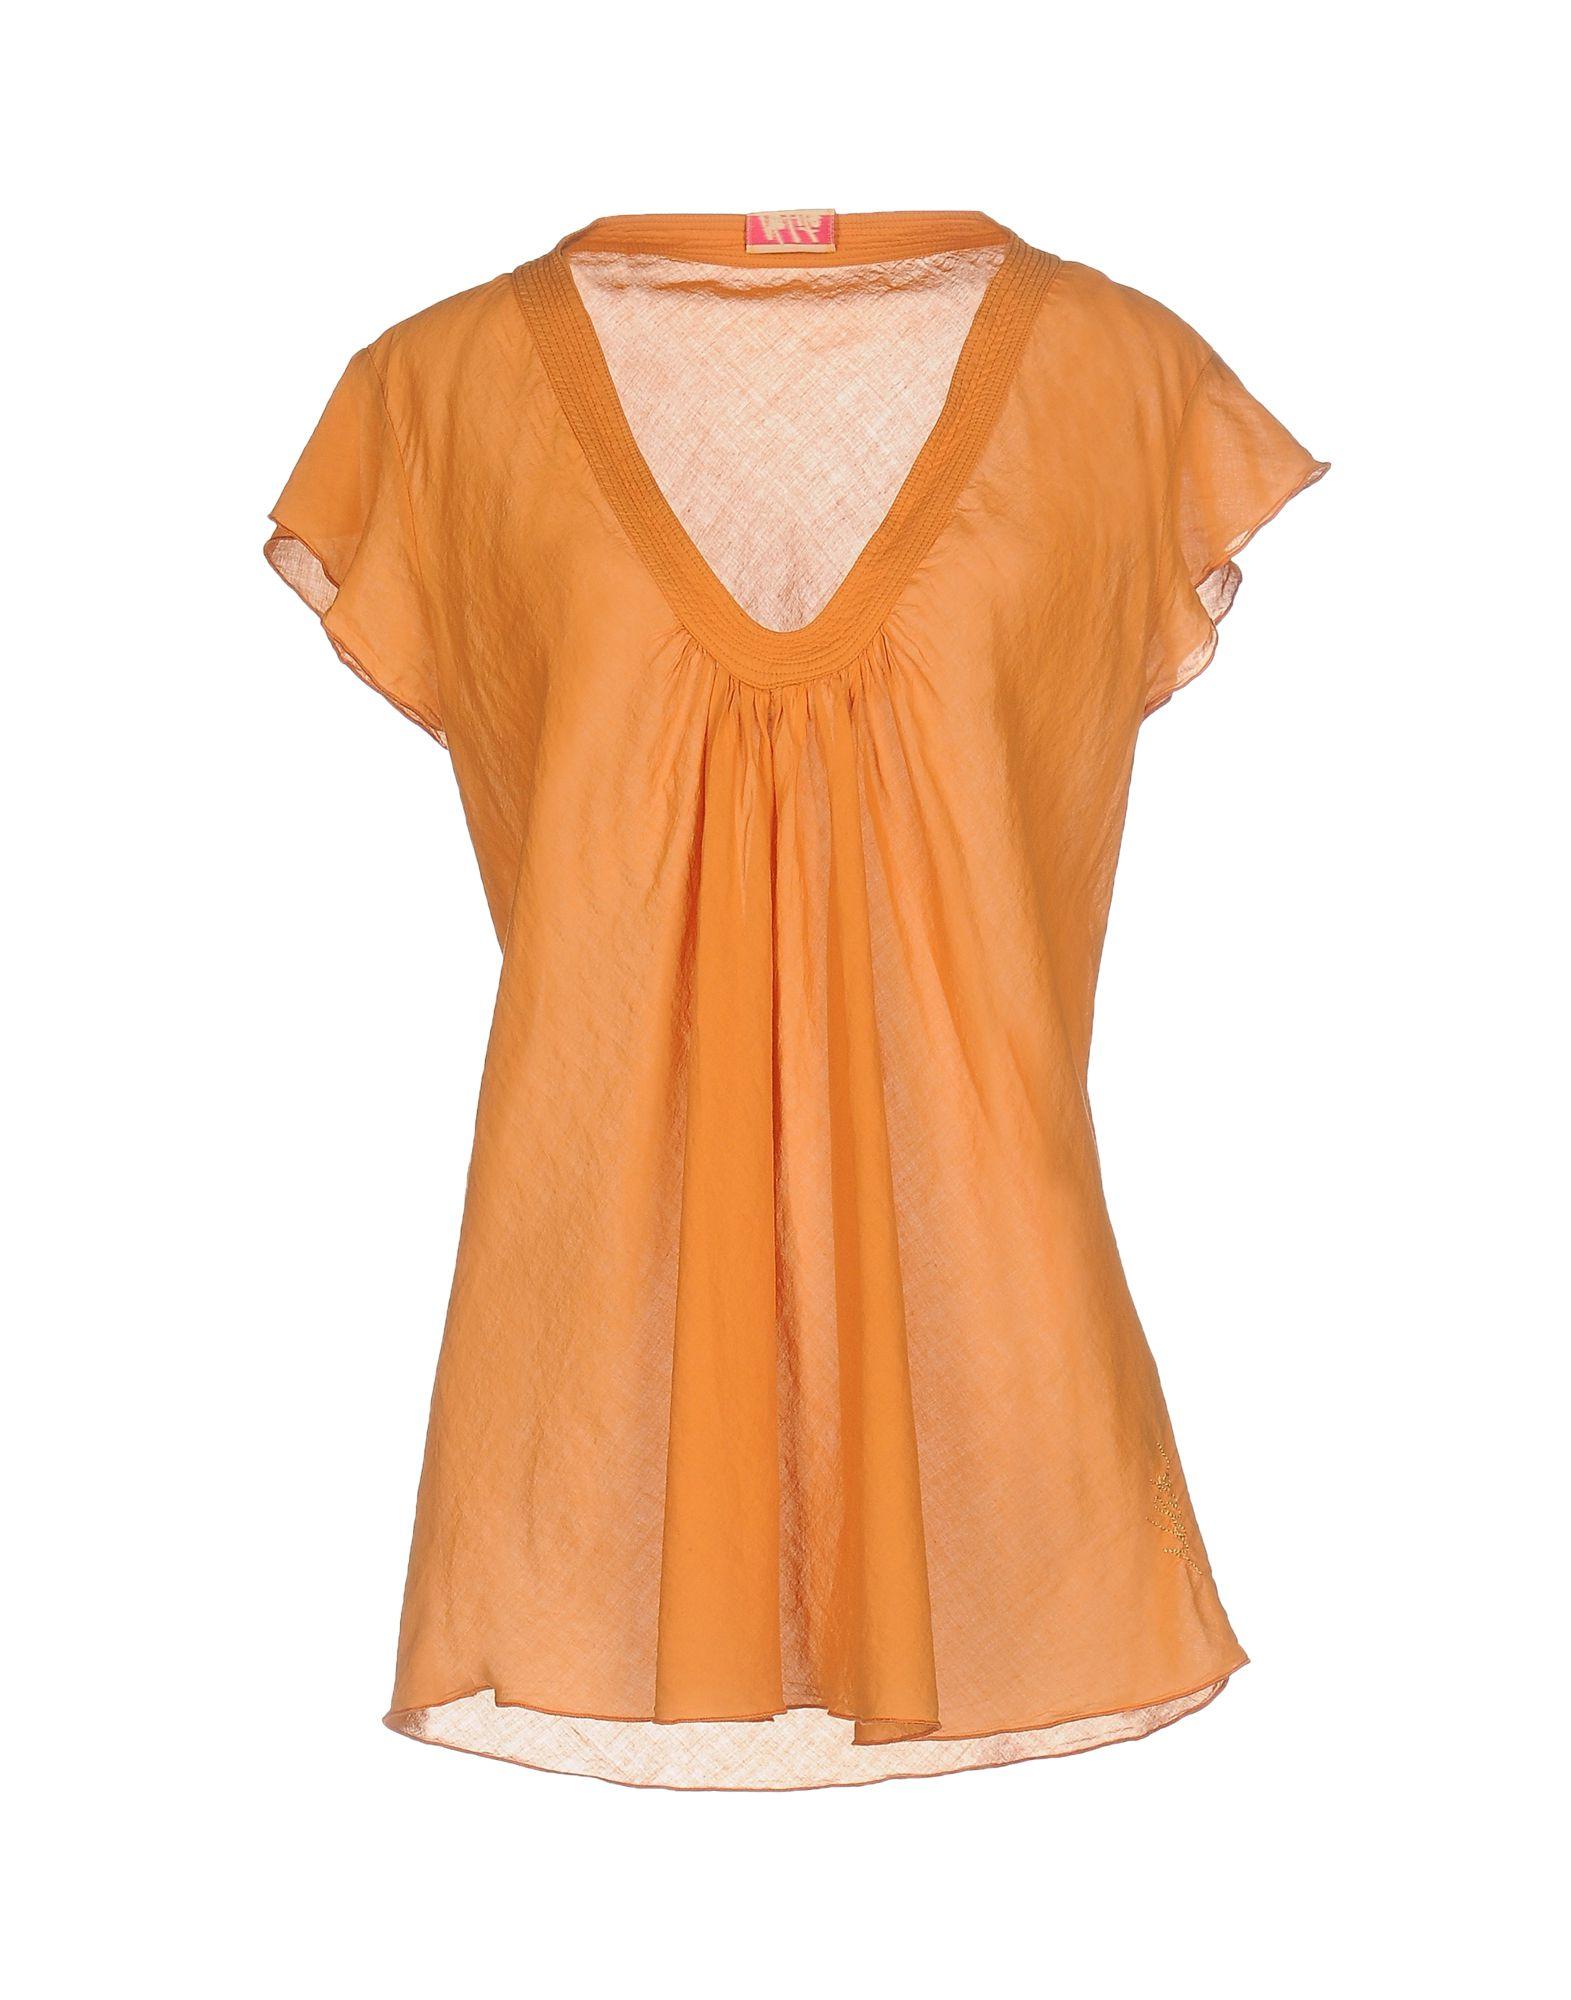 bluse orange damen preisvergleich die besten angebote online kaufen. Black Bedroom Furniture Sets. Home Design Ideas